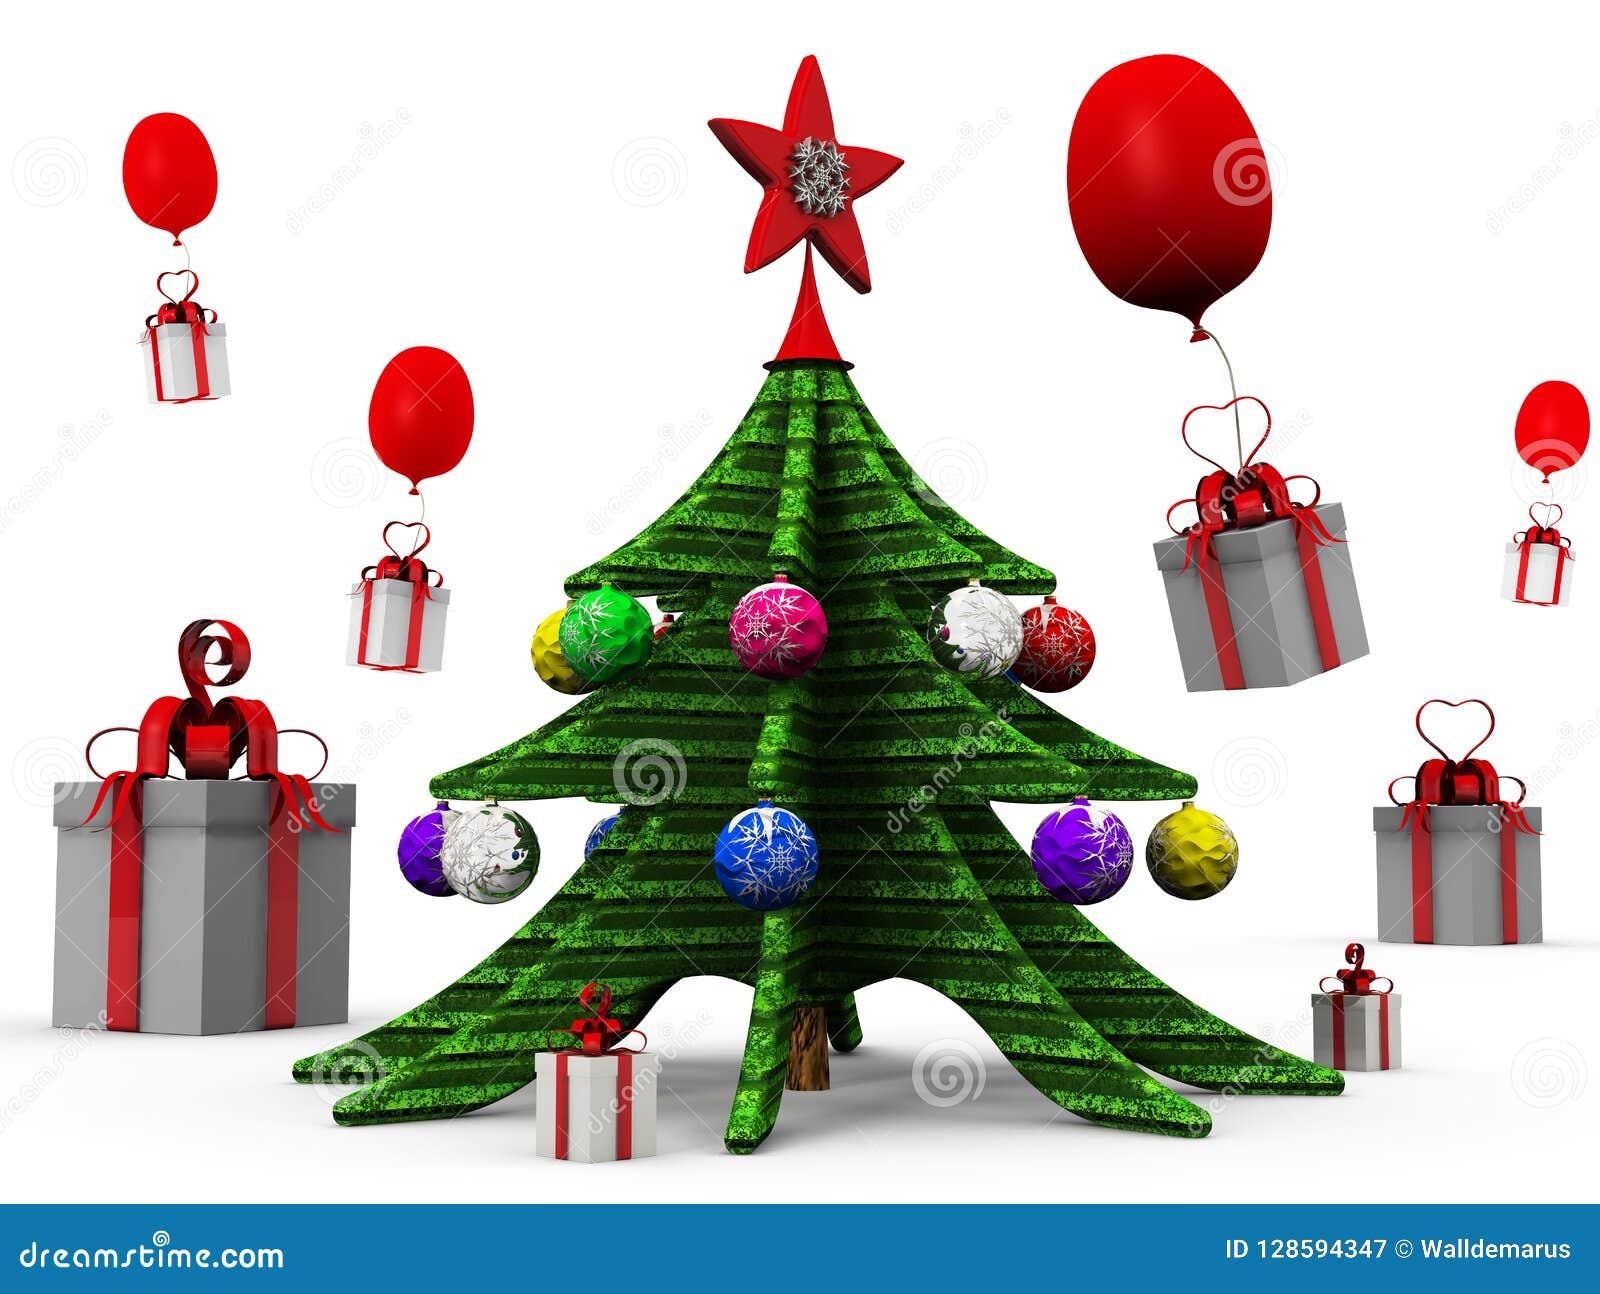 Symbol Weihnachtsbaum.Weihnachtsbaum Ist Ein Symbol Von Weihnachten Und Von Neuem Jahr